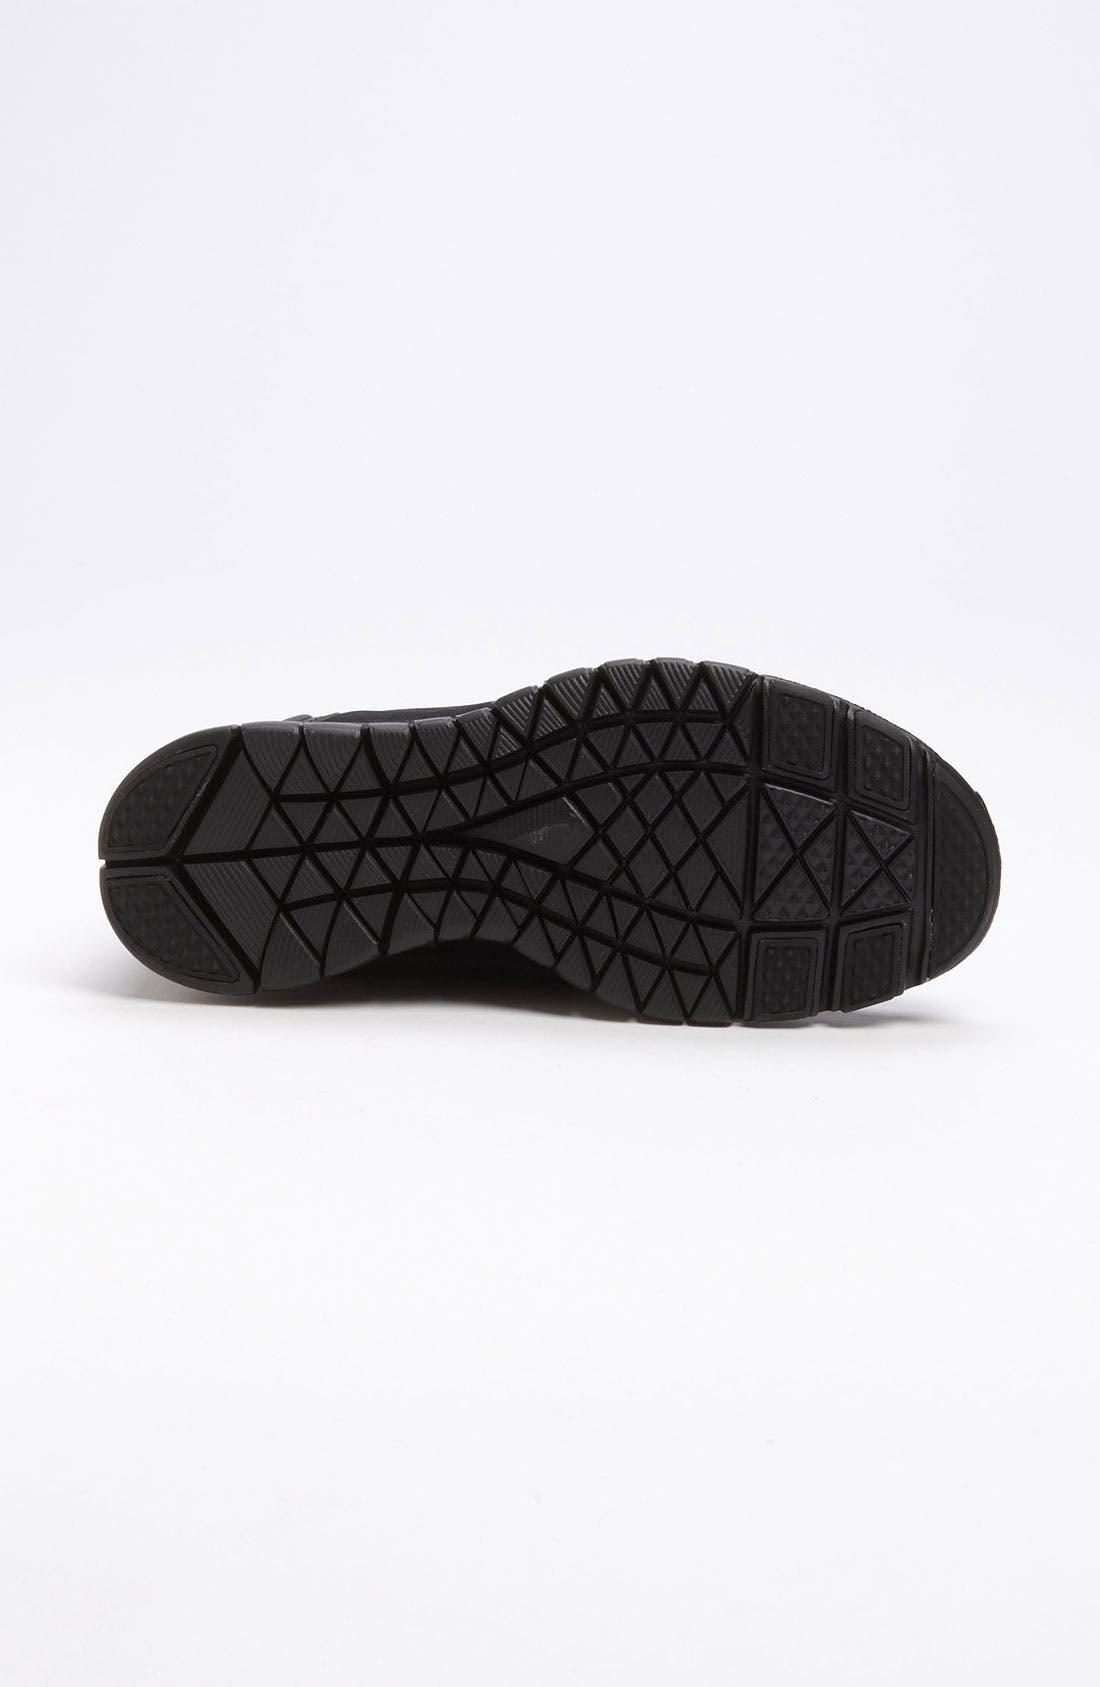 NIKE,                             'Free TR Fit 2' Training Shoe,                             Alternate thumbnail 4, color,                             001